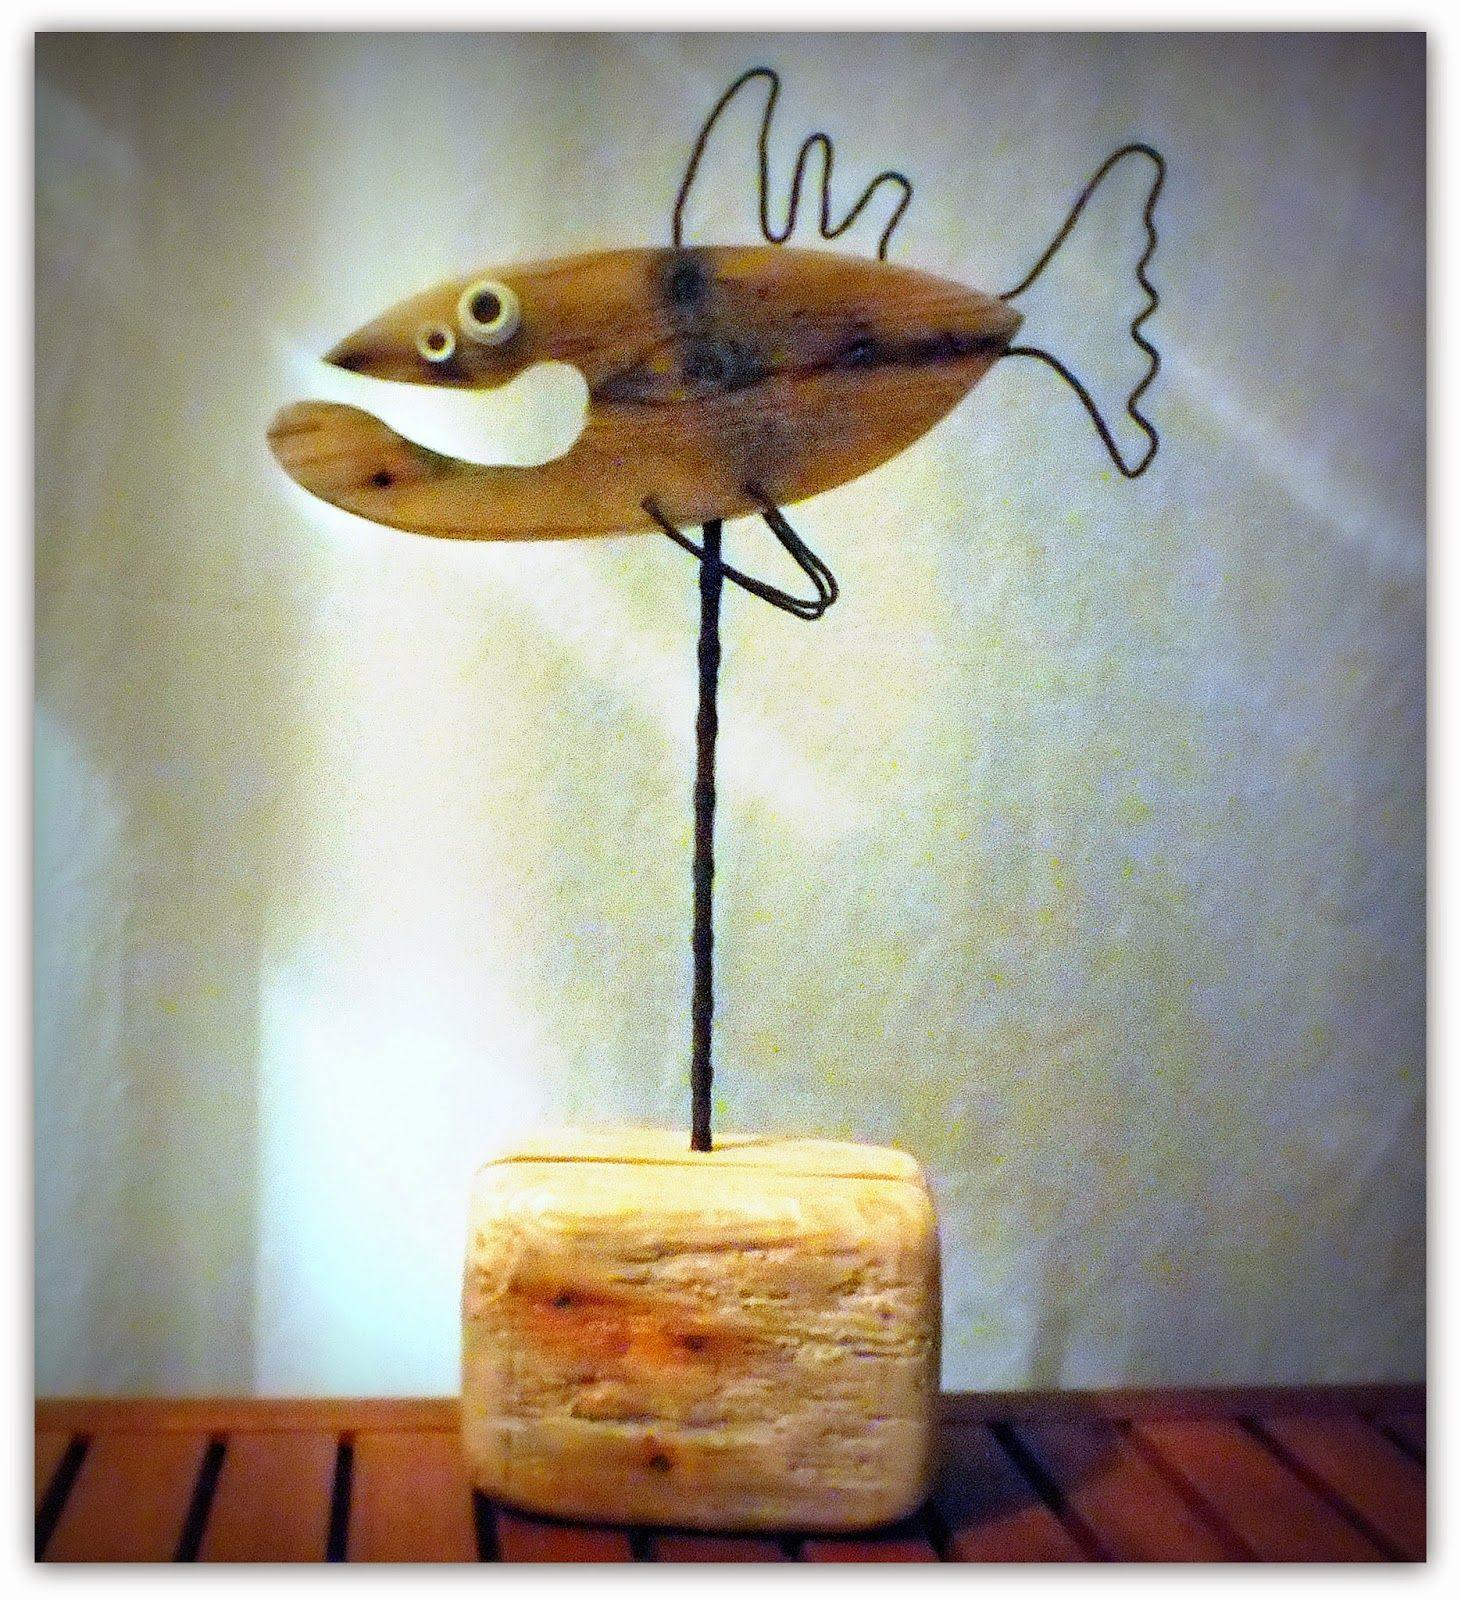 décoration bois flotté, poisson bois flotté   Galhos, Gravetos ...